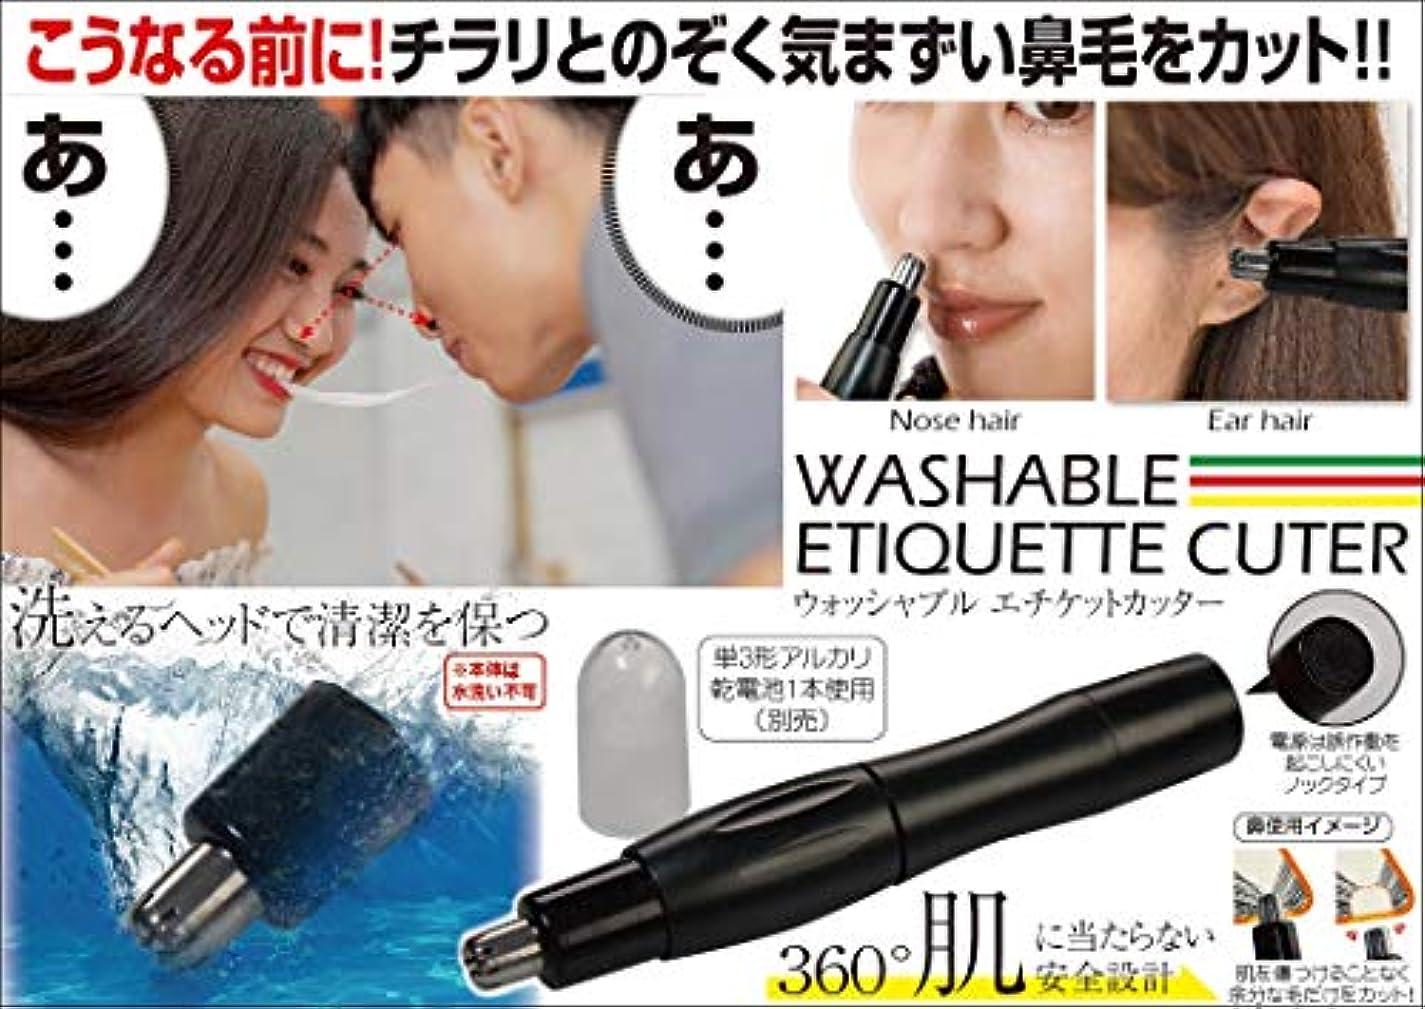 欲望彼女トーンファイン 鼻毛カッター ブラック 本体(約):長さ12.5×直径2cm ウォッシャブル エチケットカッター ヘッド部分が水洗いできる FIN-846BK